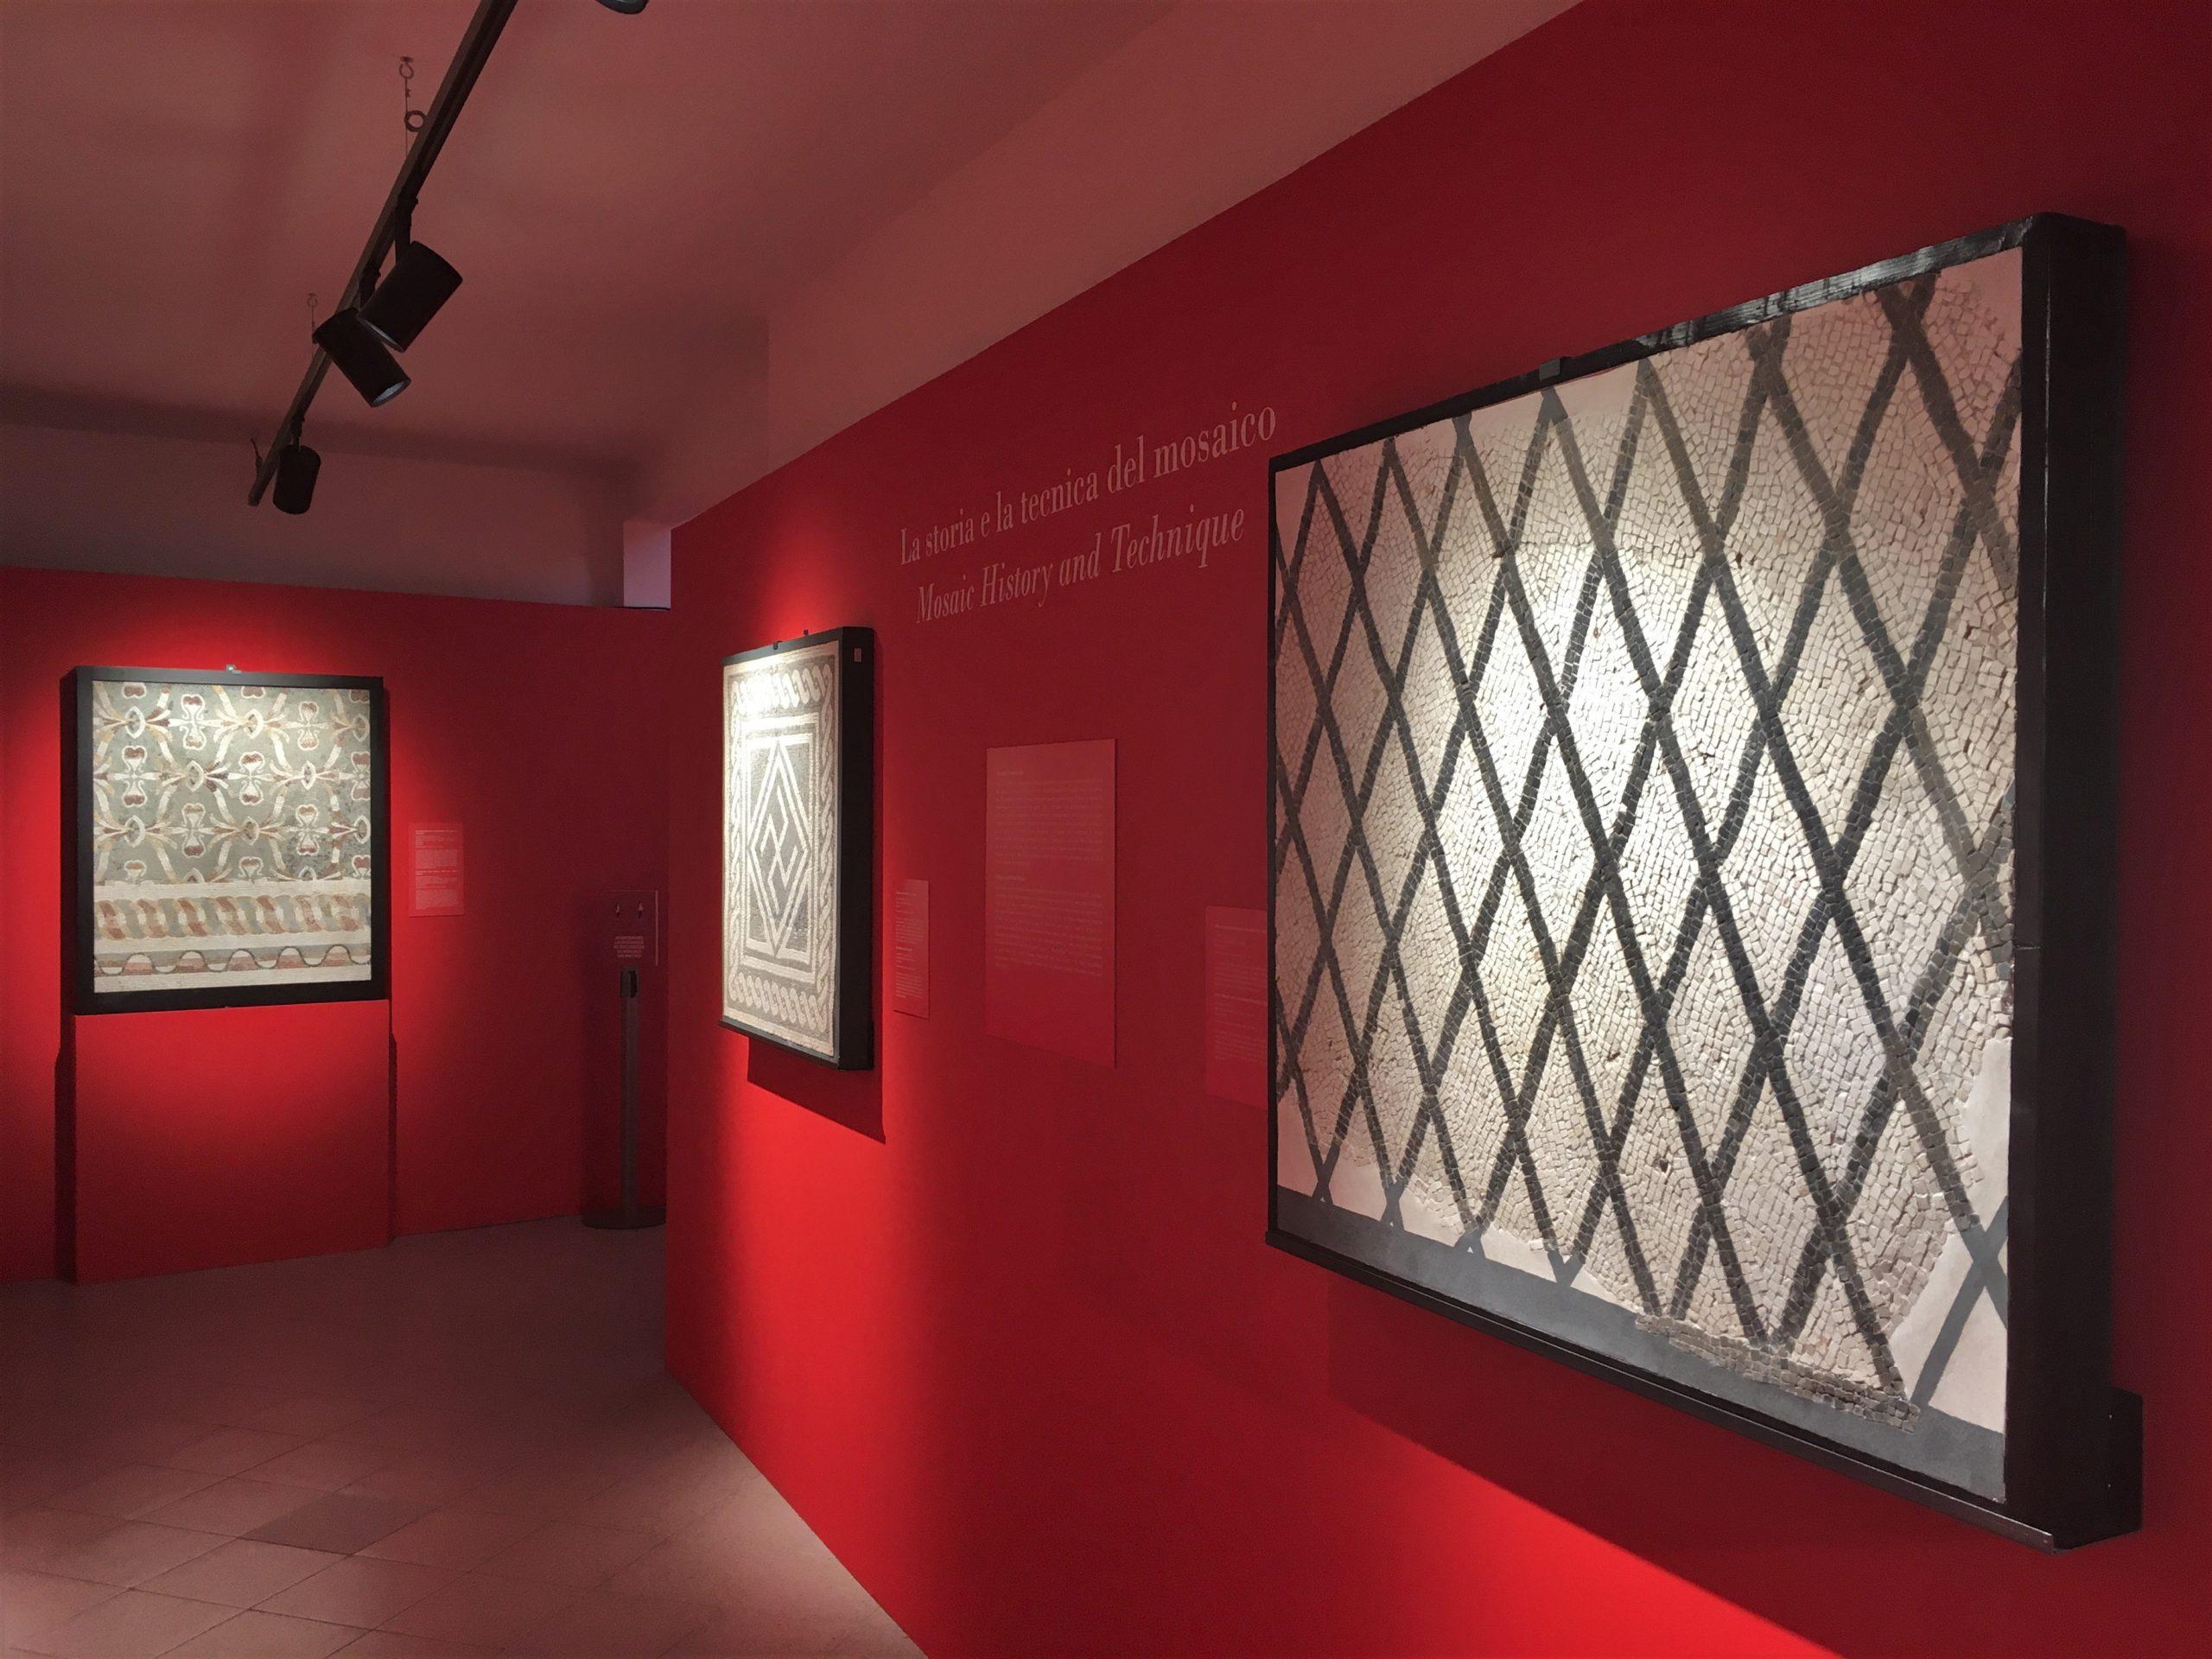 mosaici museo montemartini roma